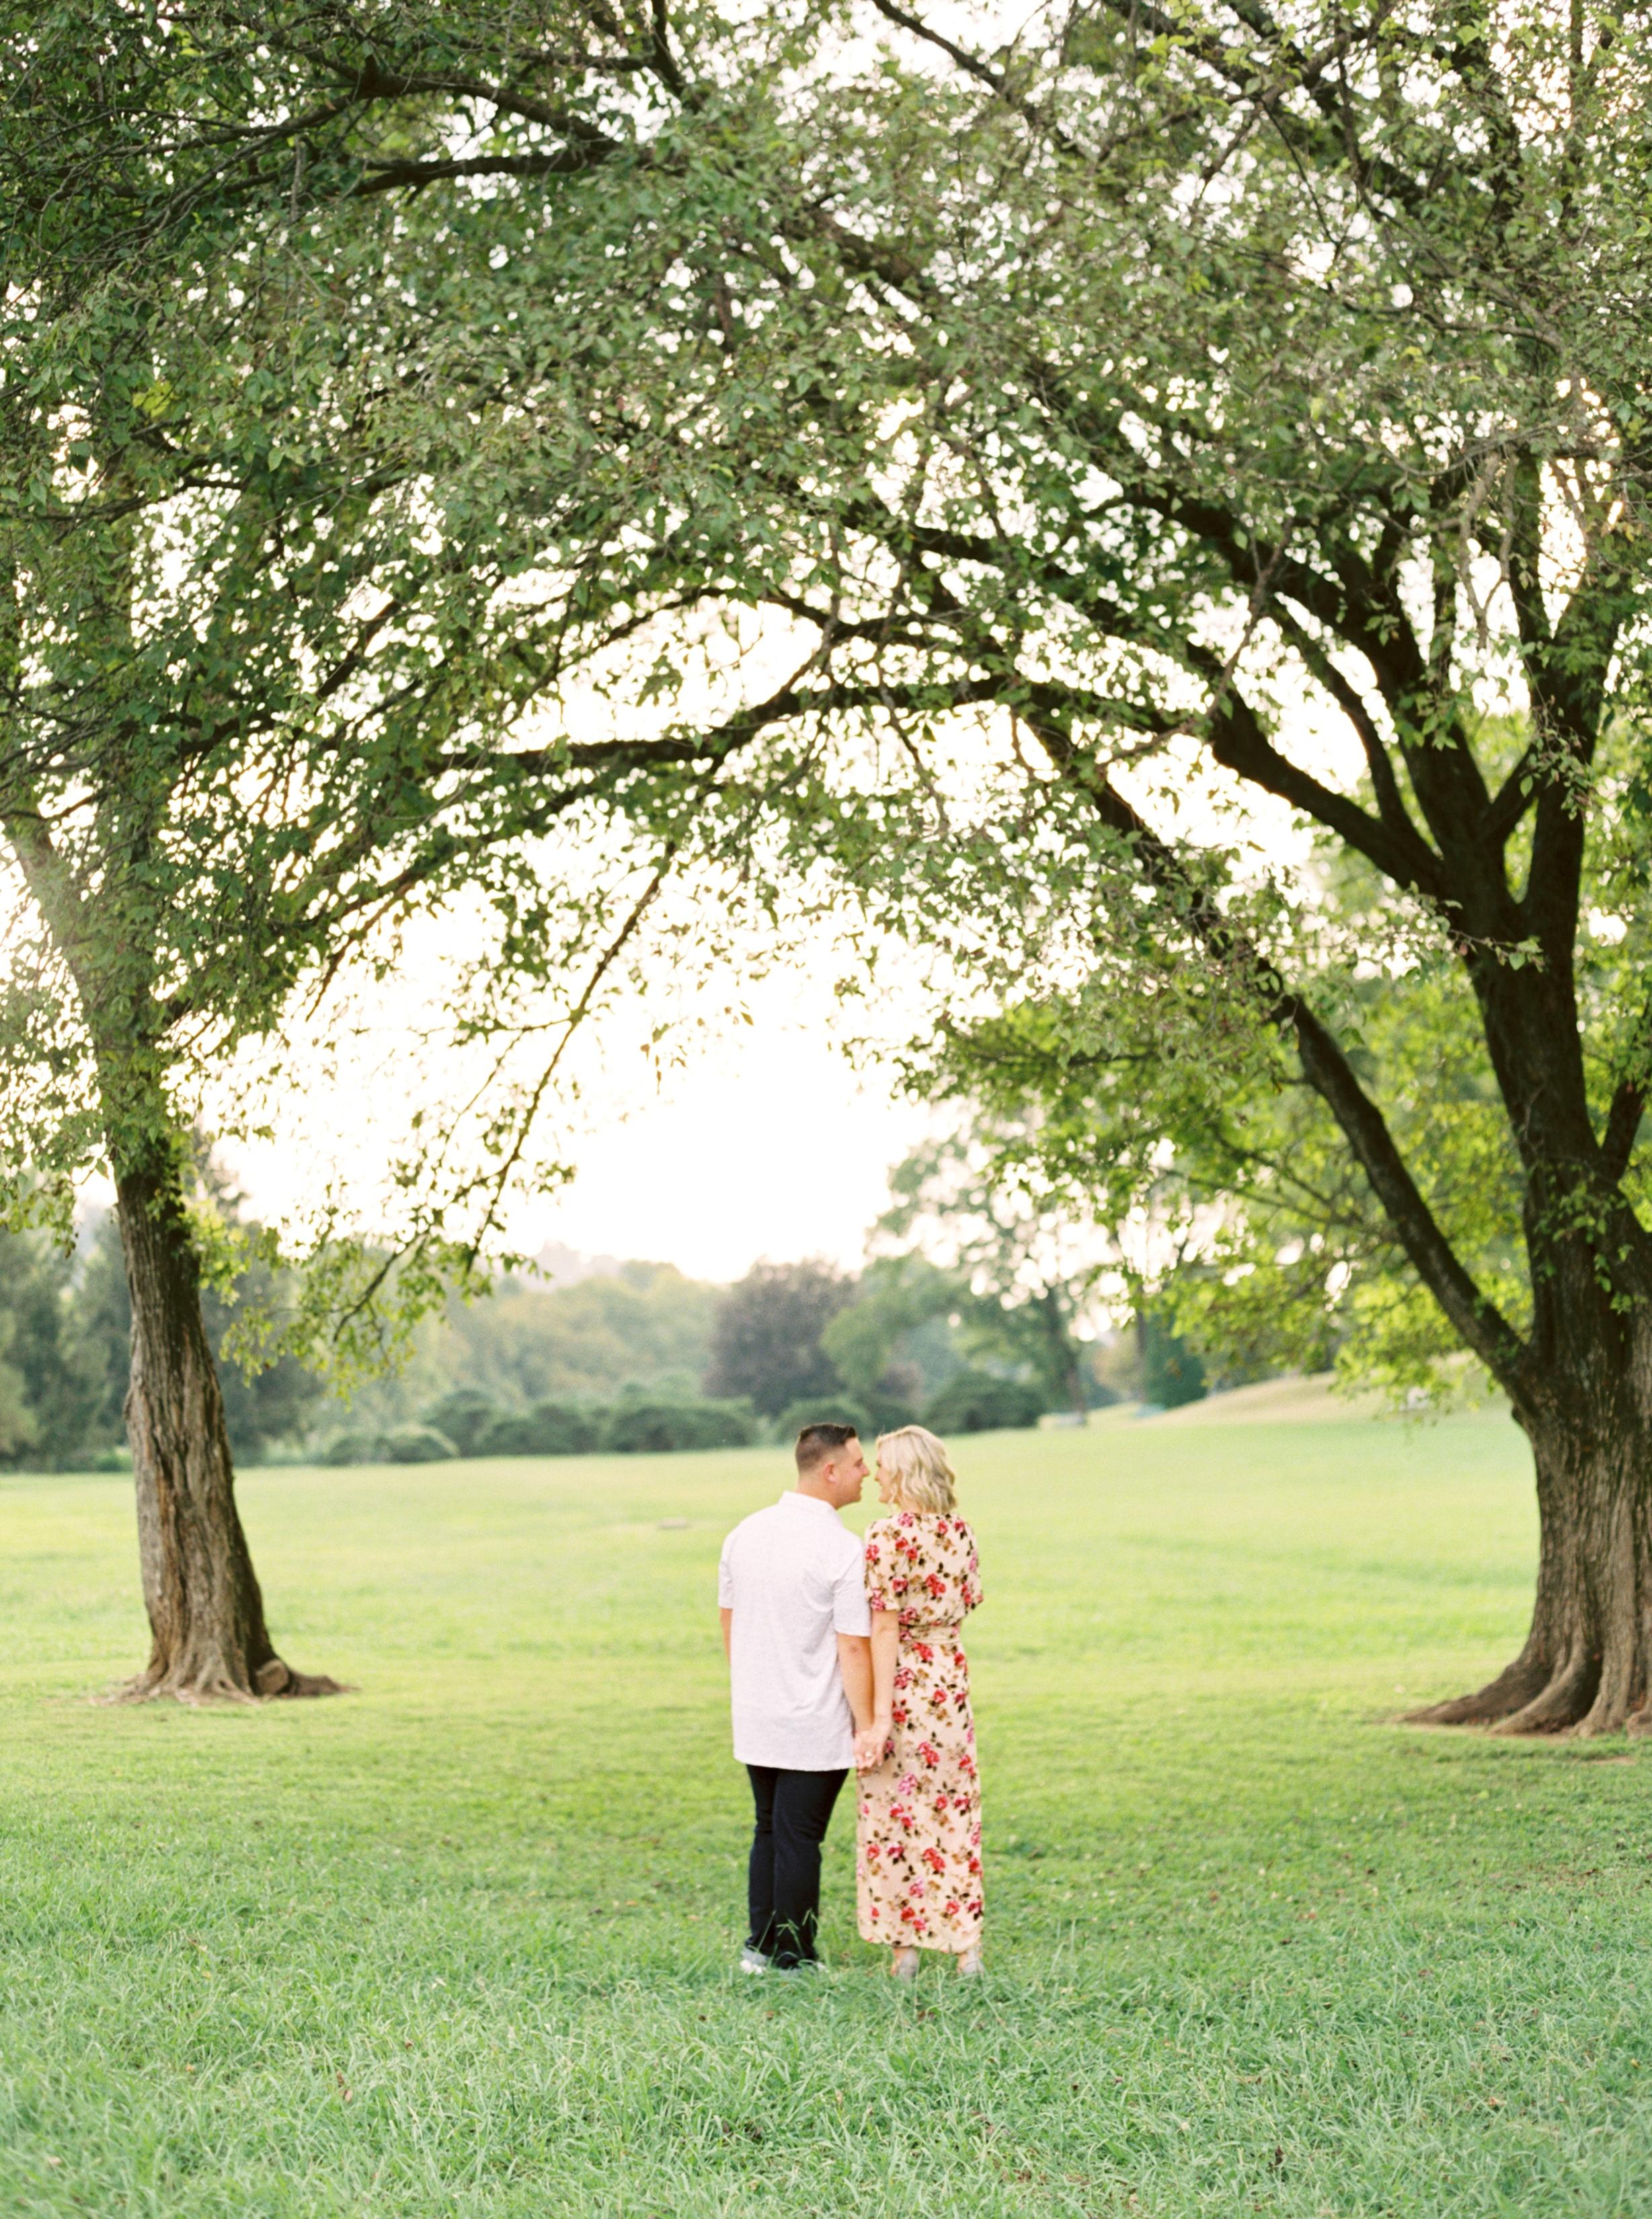 Kelsie_Peyton_Engagement_Abigail_Malone_Photography-107.jpg